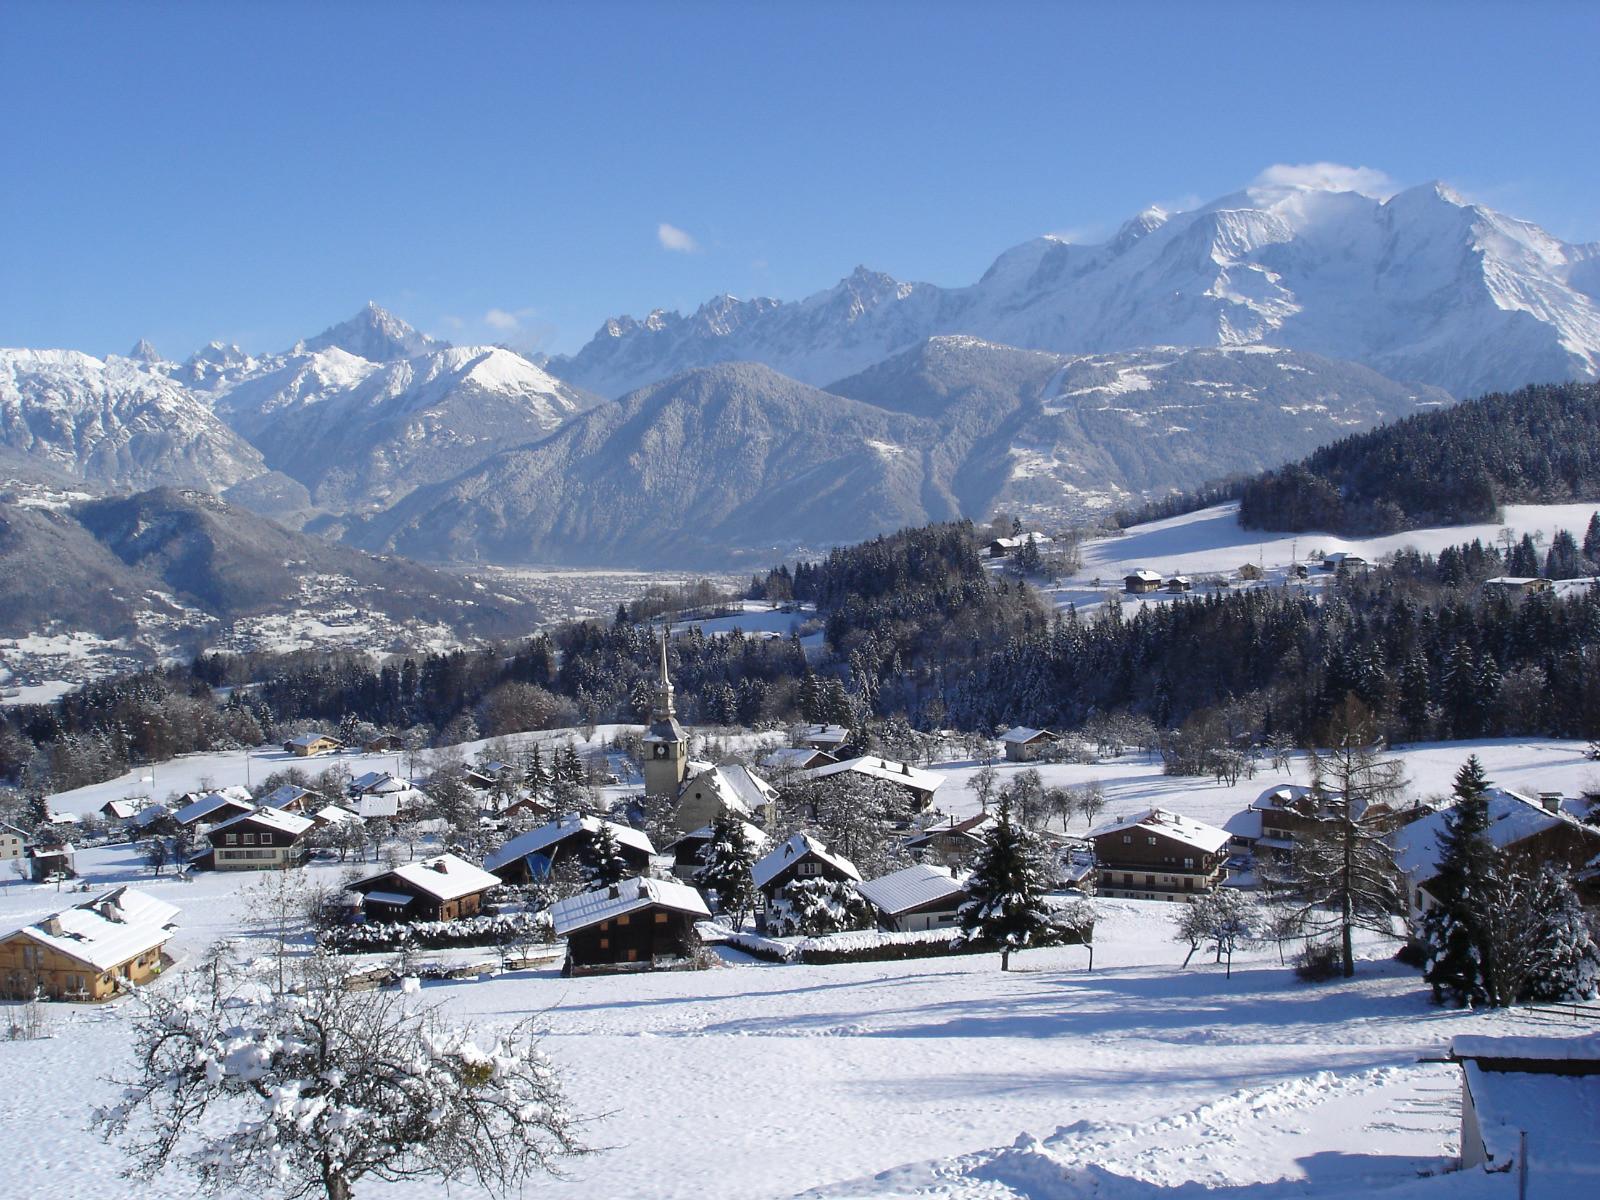 CORDON, un petit village au cœur du Pays du Mont-Blancundefined